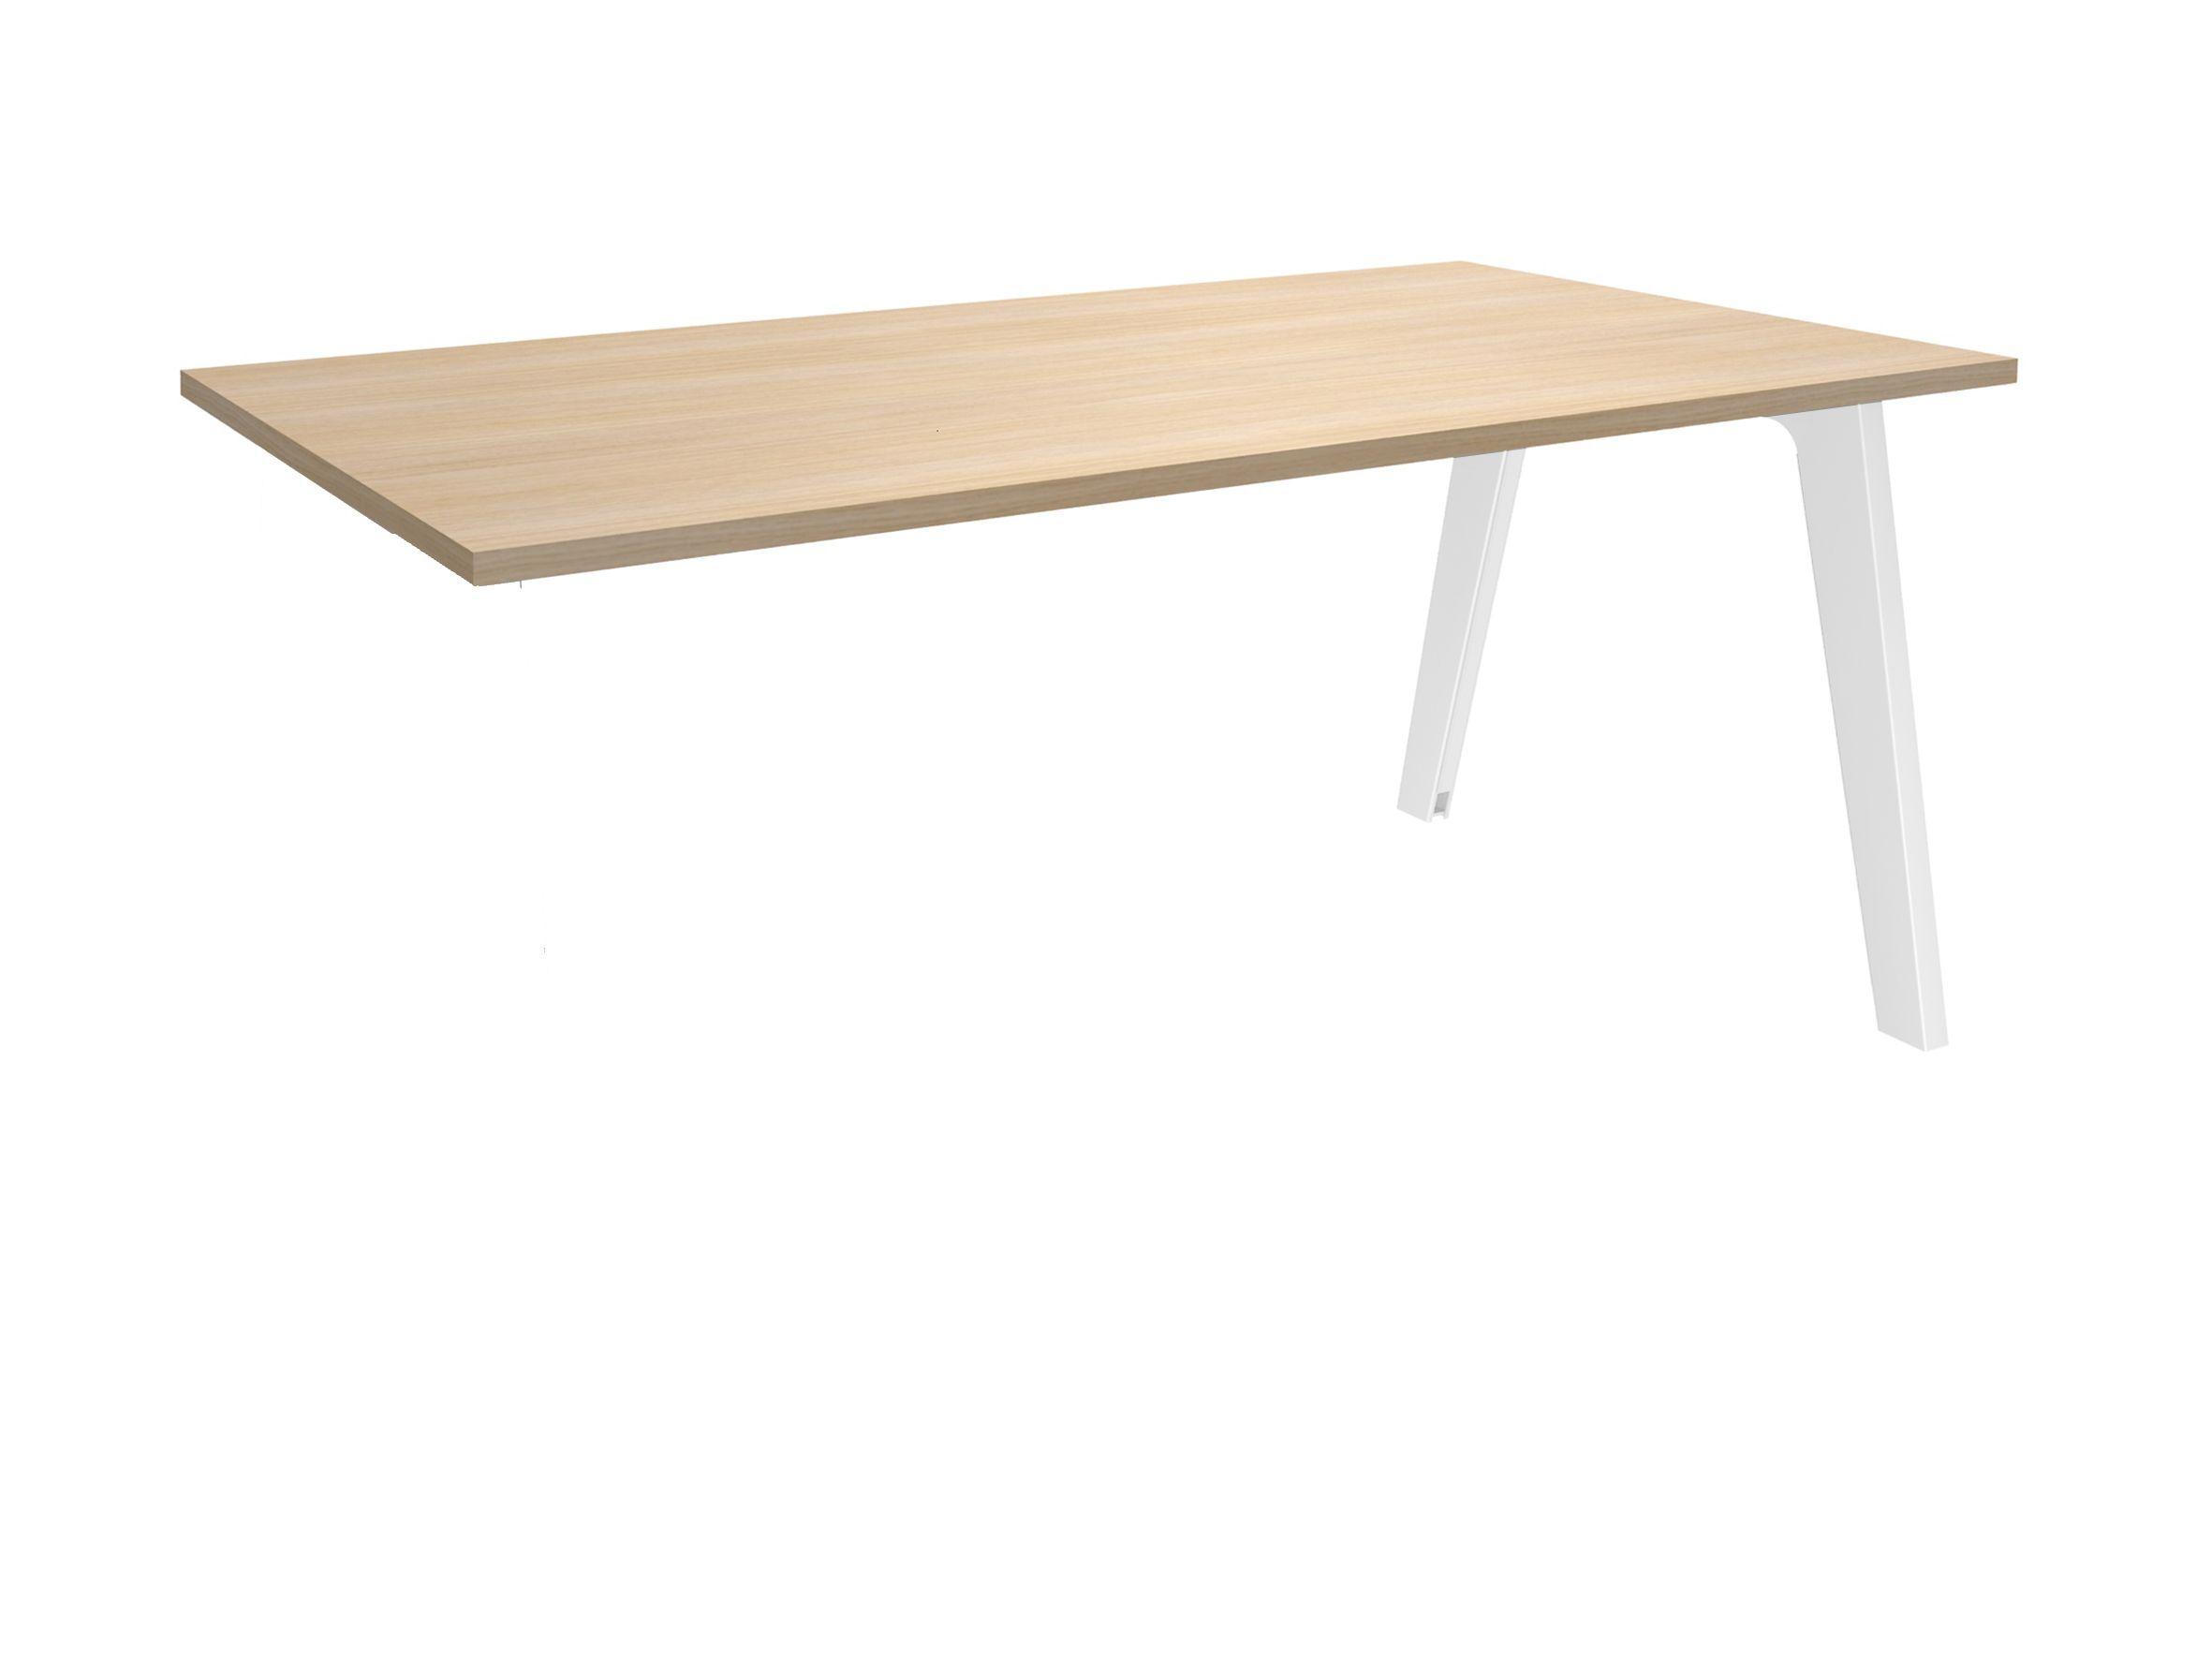 Bureau simple STEELY - L140 cm - Plan suivant - Pieds blanc - plateau imitation Chêne clair